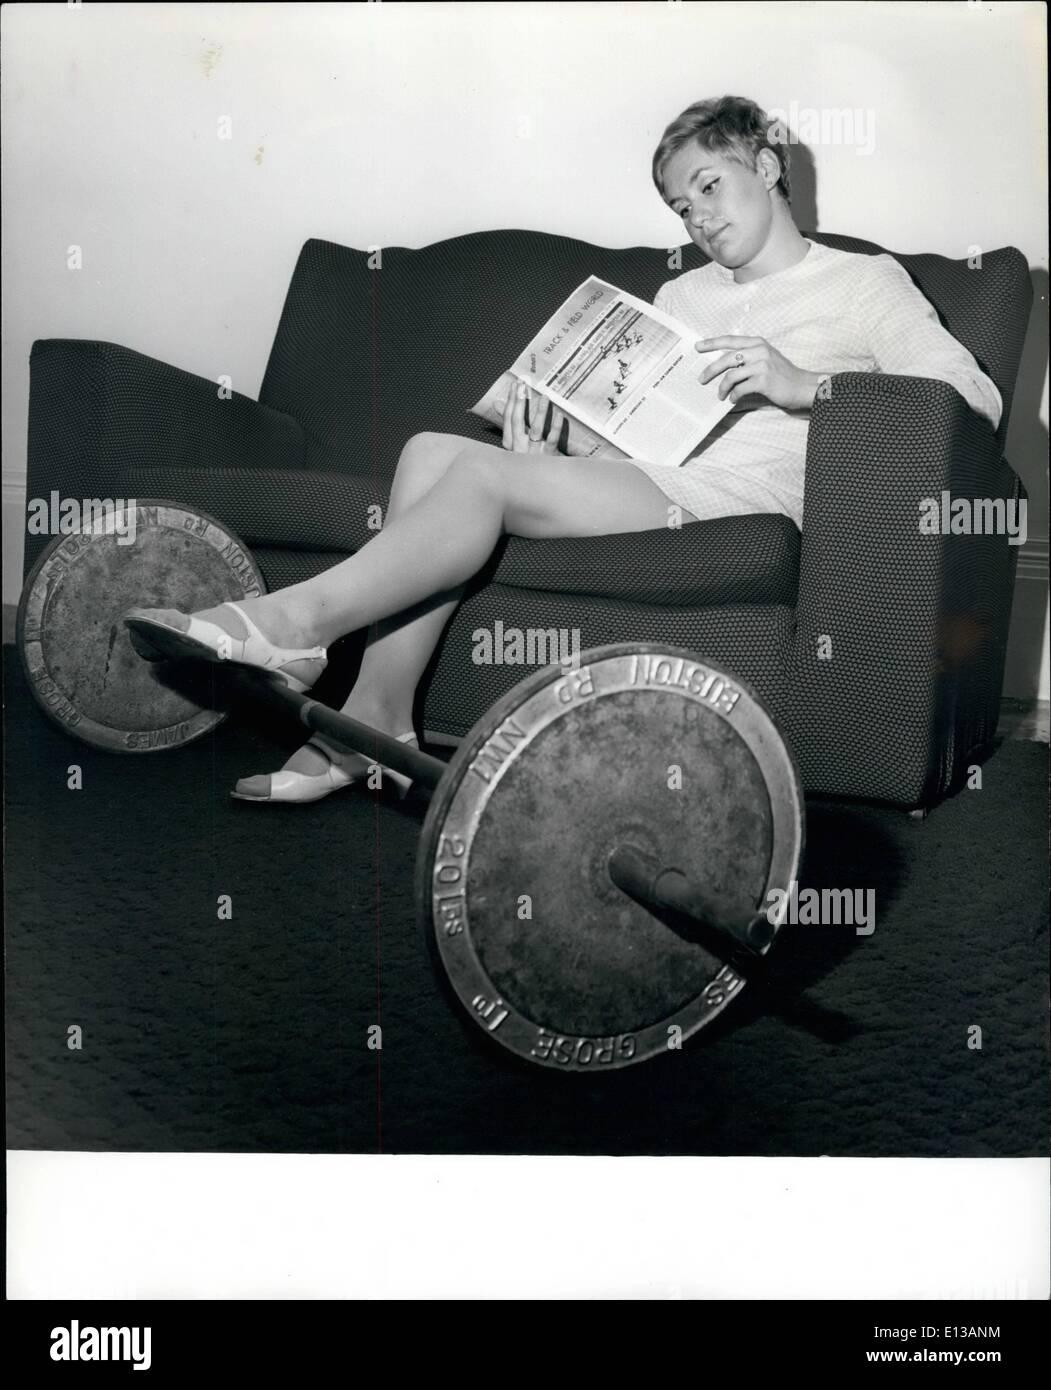 Febbraio 29, 2012 - Perso nel mondo atletica è l'Inghilterra del Olympic preferito per 400 metri, Lillian Board visto qui al suo Ealing home. Immagini Stock